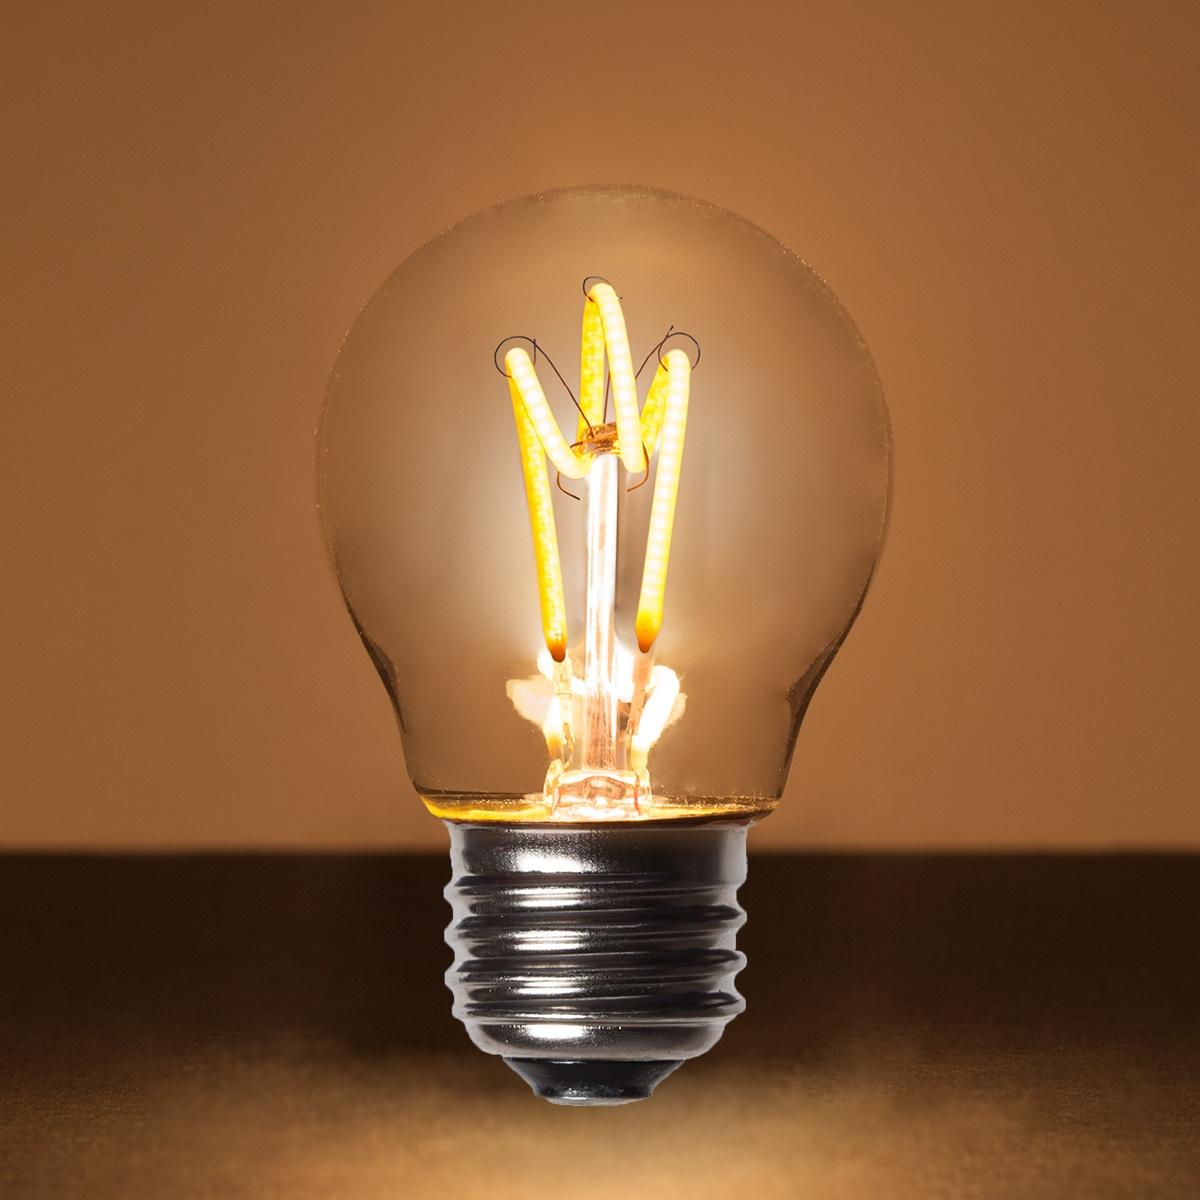 G45 Warm White Glass FlexFilament TM LED Edison Bulb Globe